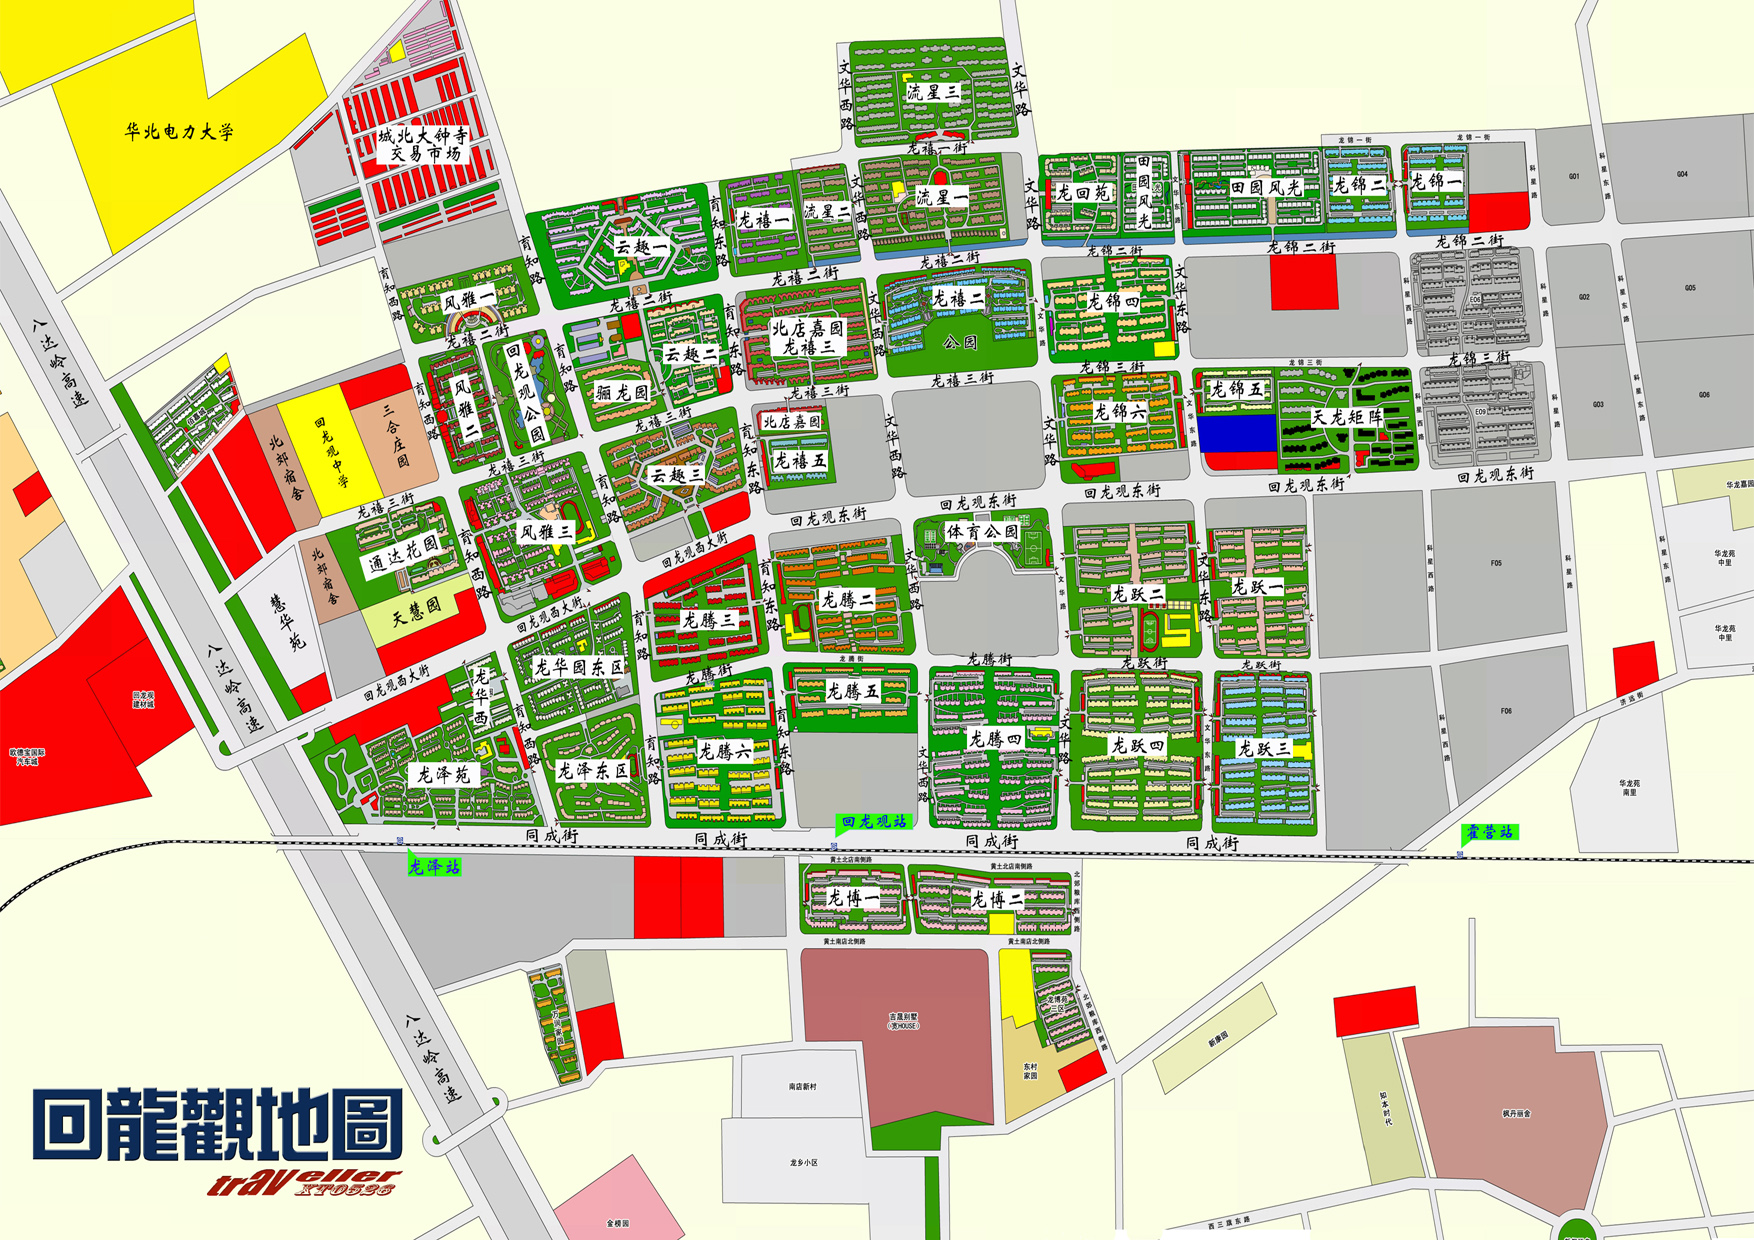 回龙观社区地图